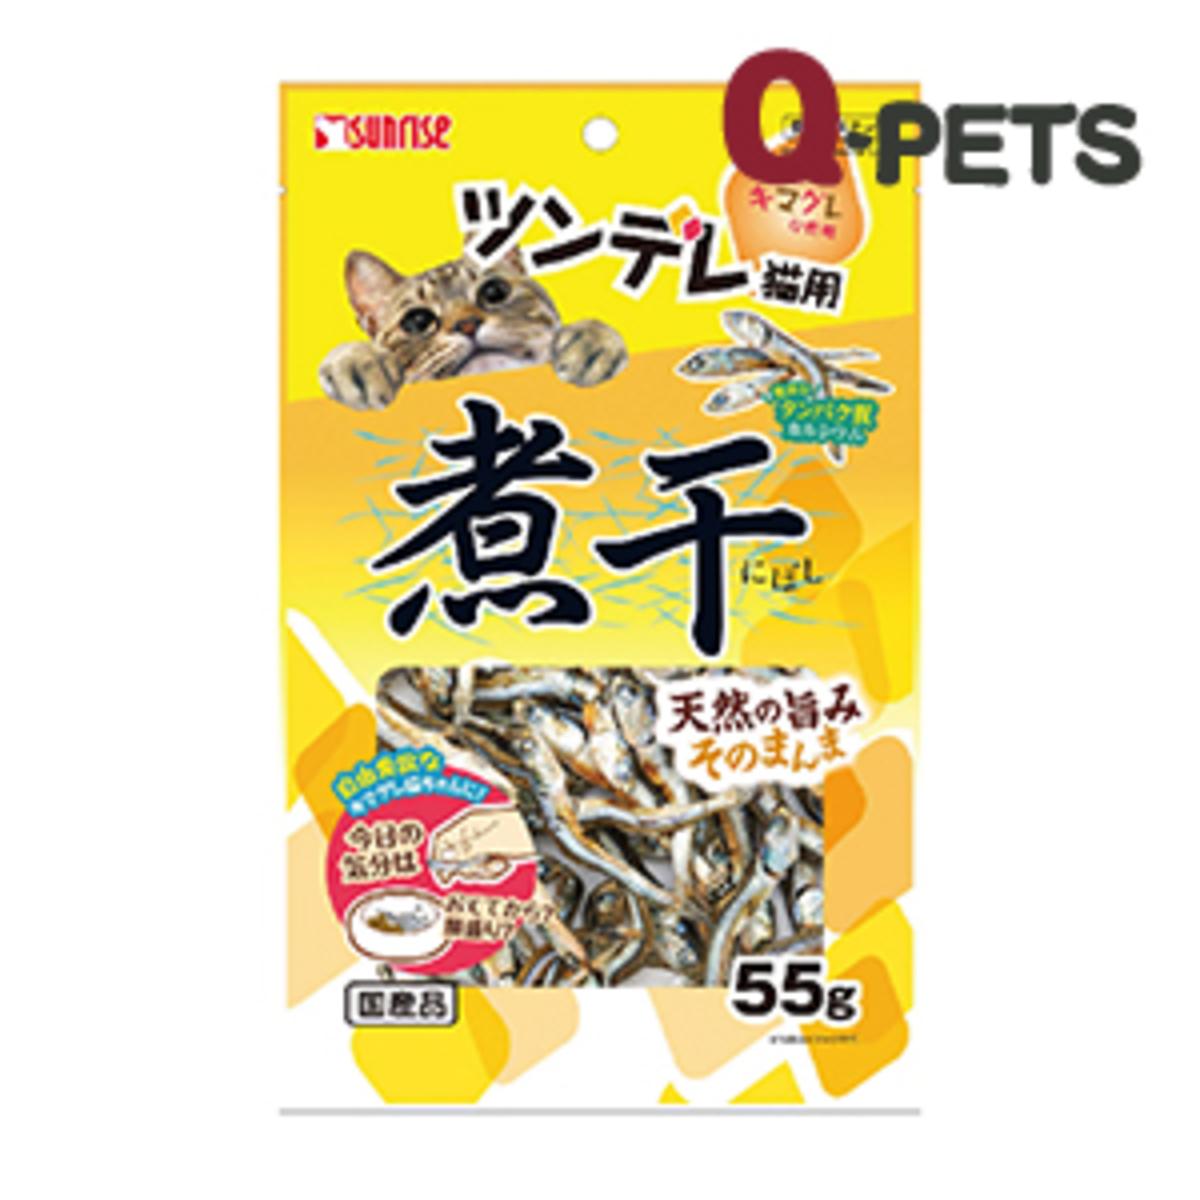 貓用美味沙丁魚乾 55g